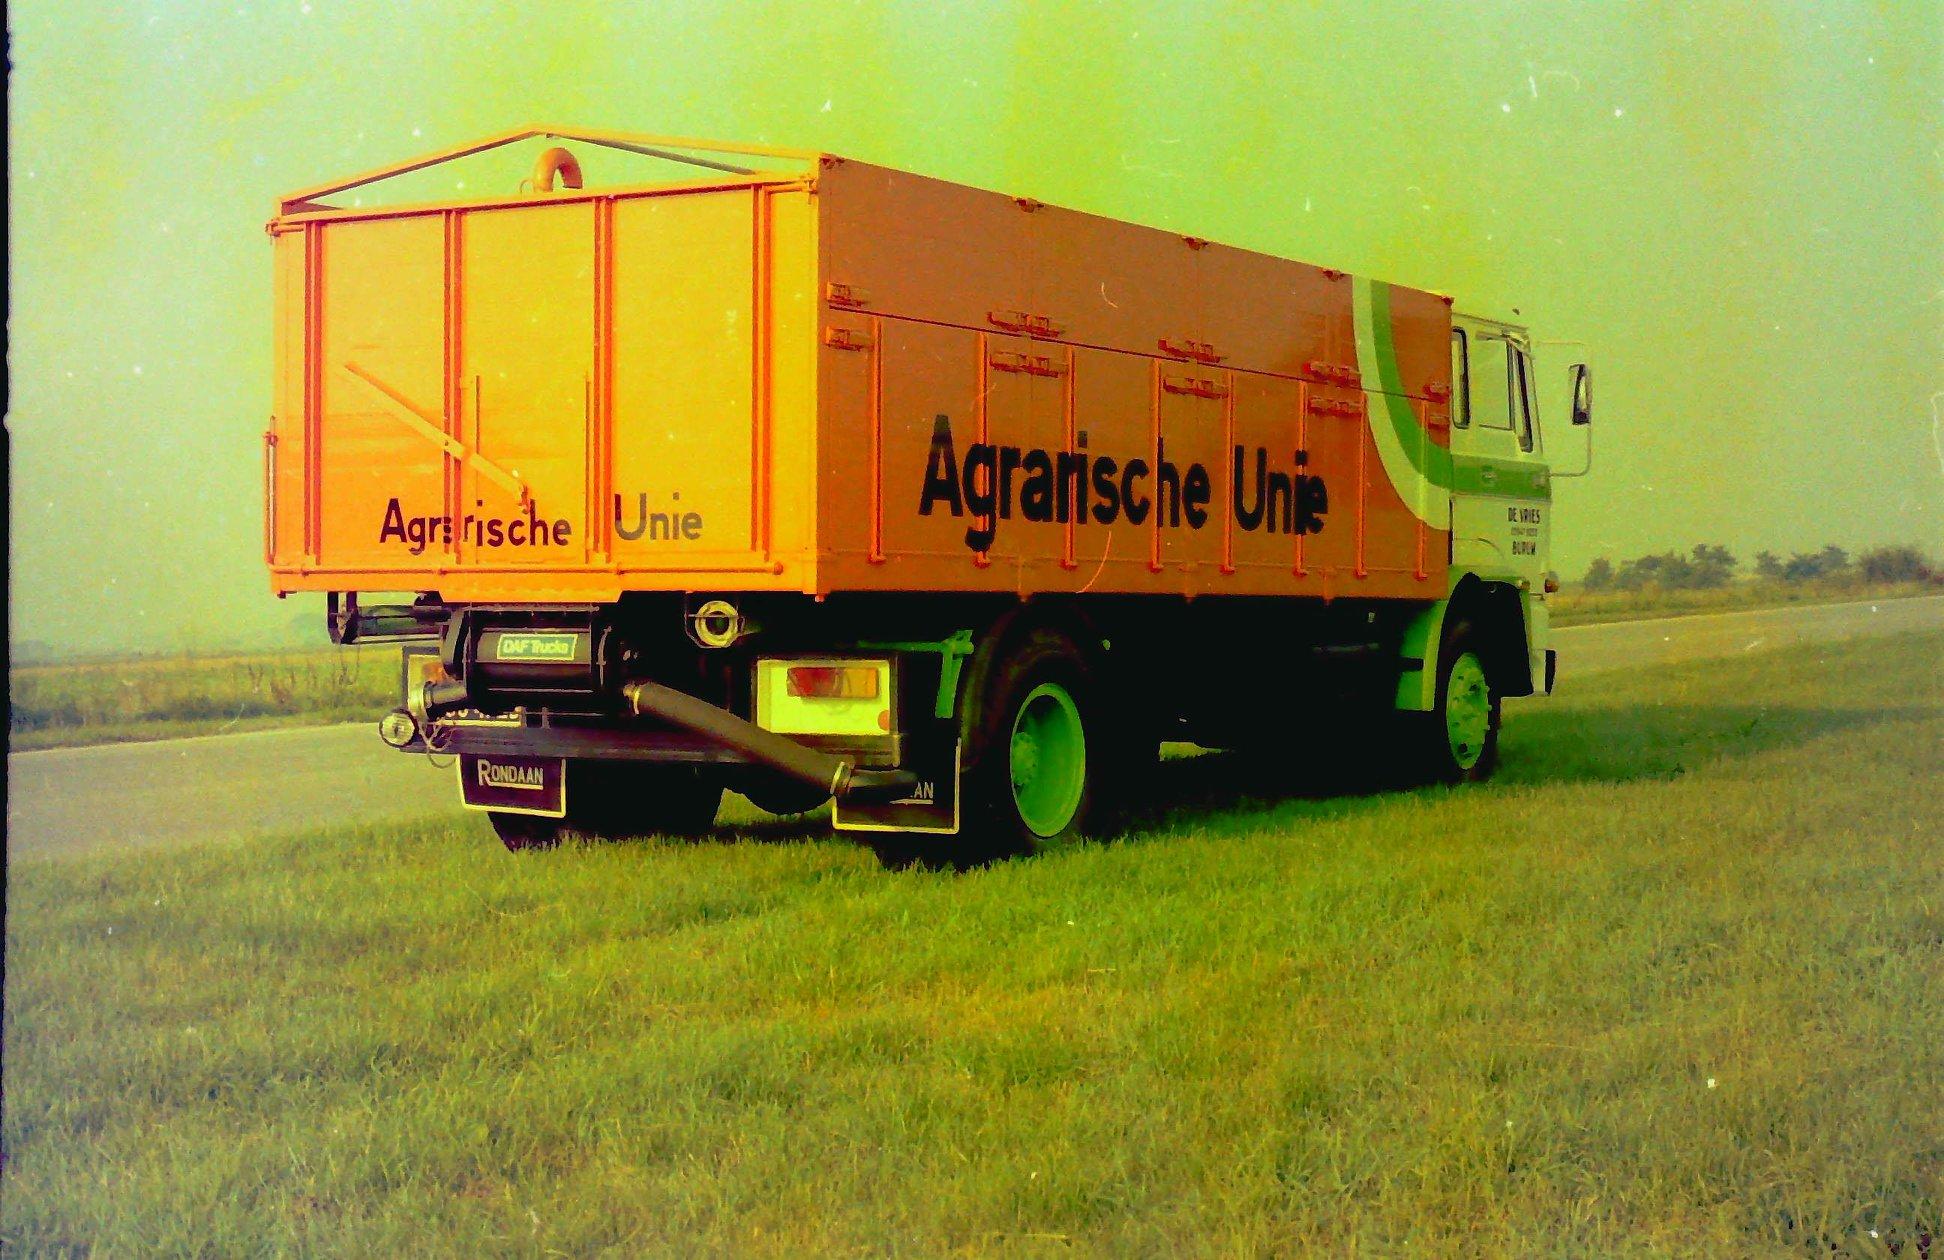 Bulkauto-gebouwd-door-Rondaan-voor-De-Vries-uit-Burum-rijdend-voor-de-Agrarische-Unie-2